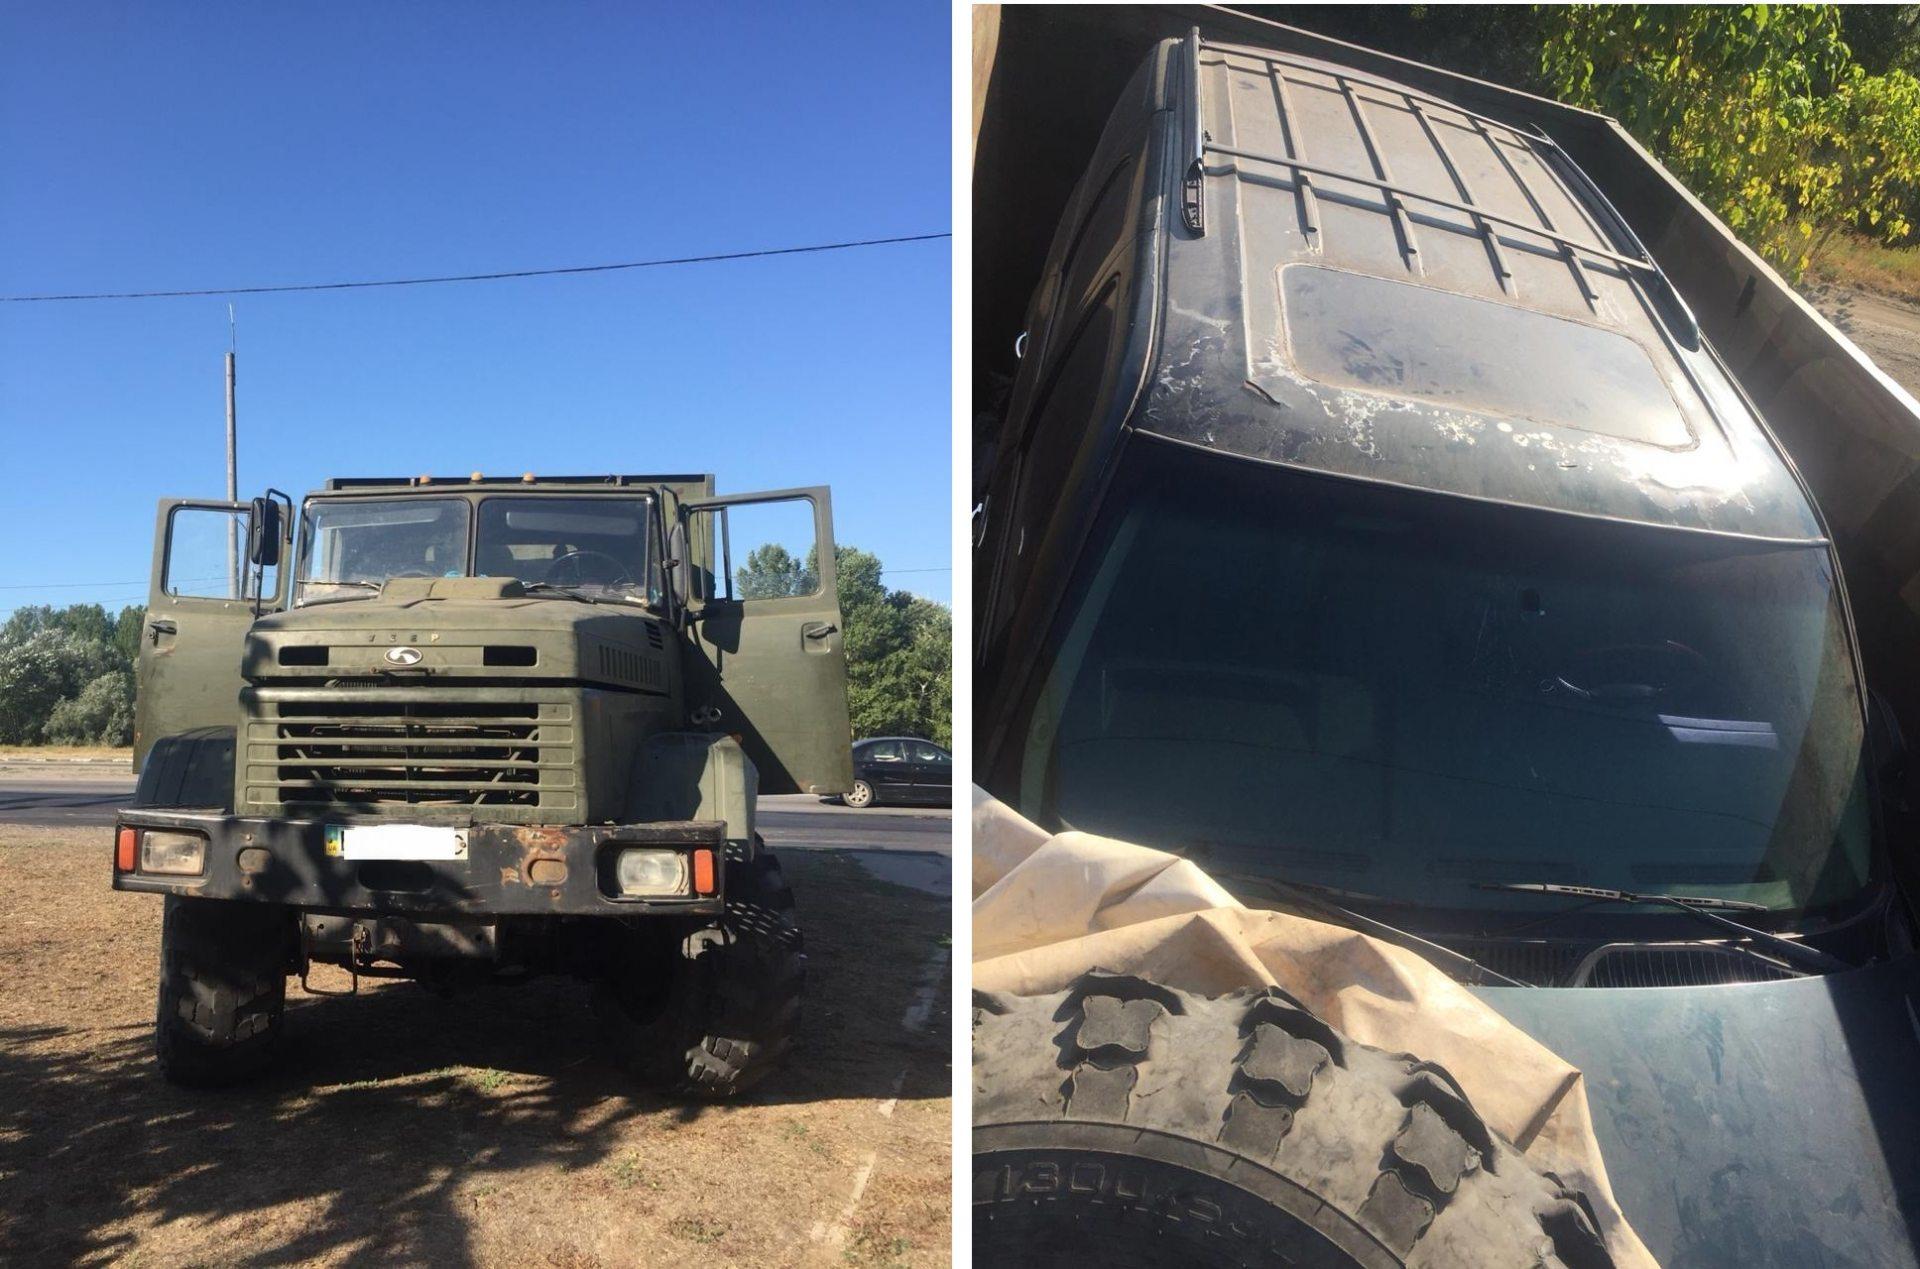 На Херсонщие угнанный внедорожник перевозили на грузовике